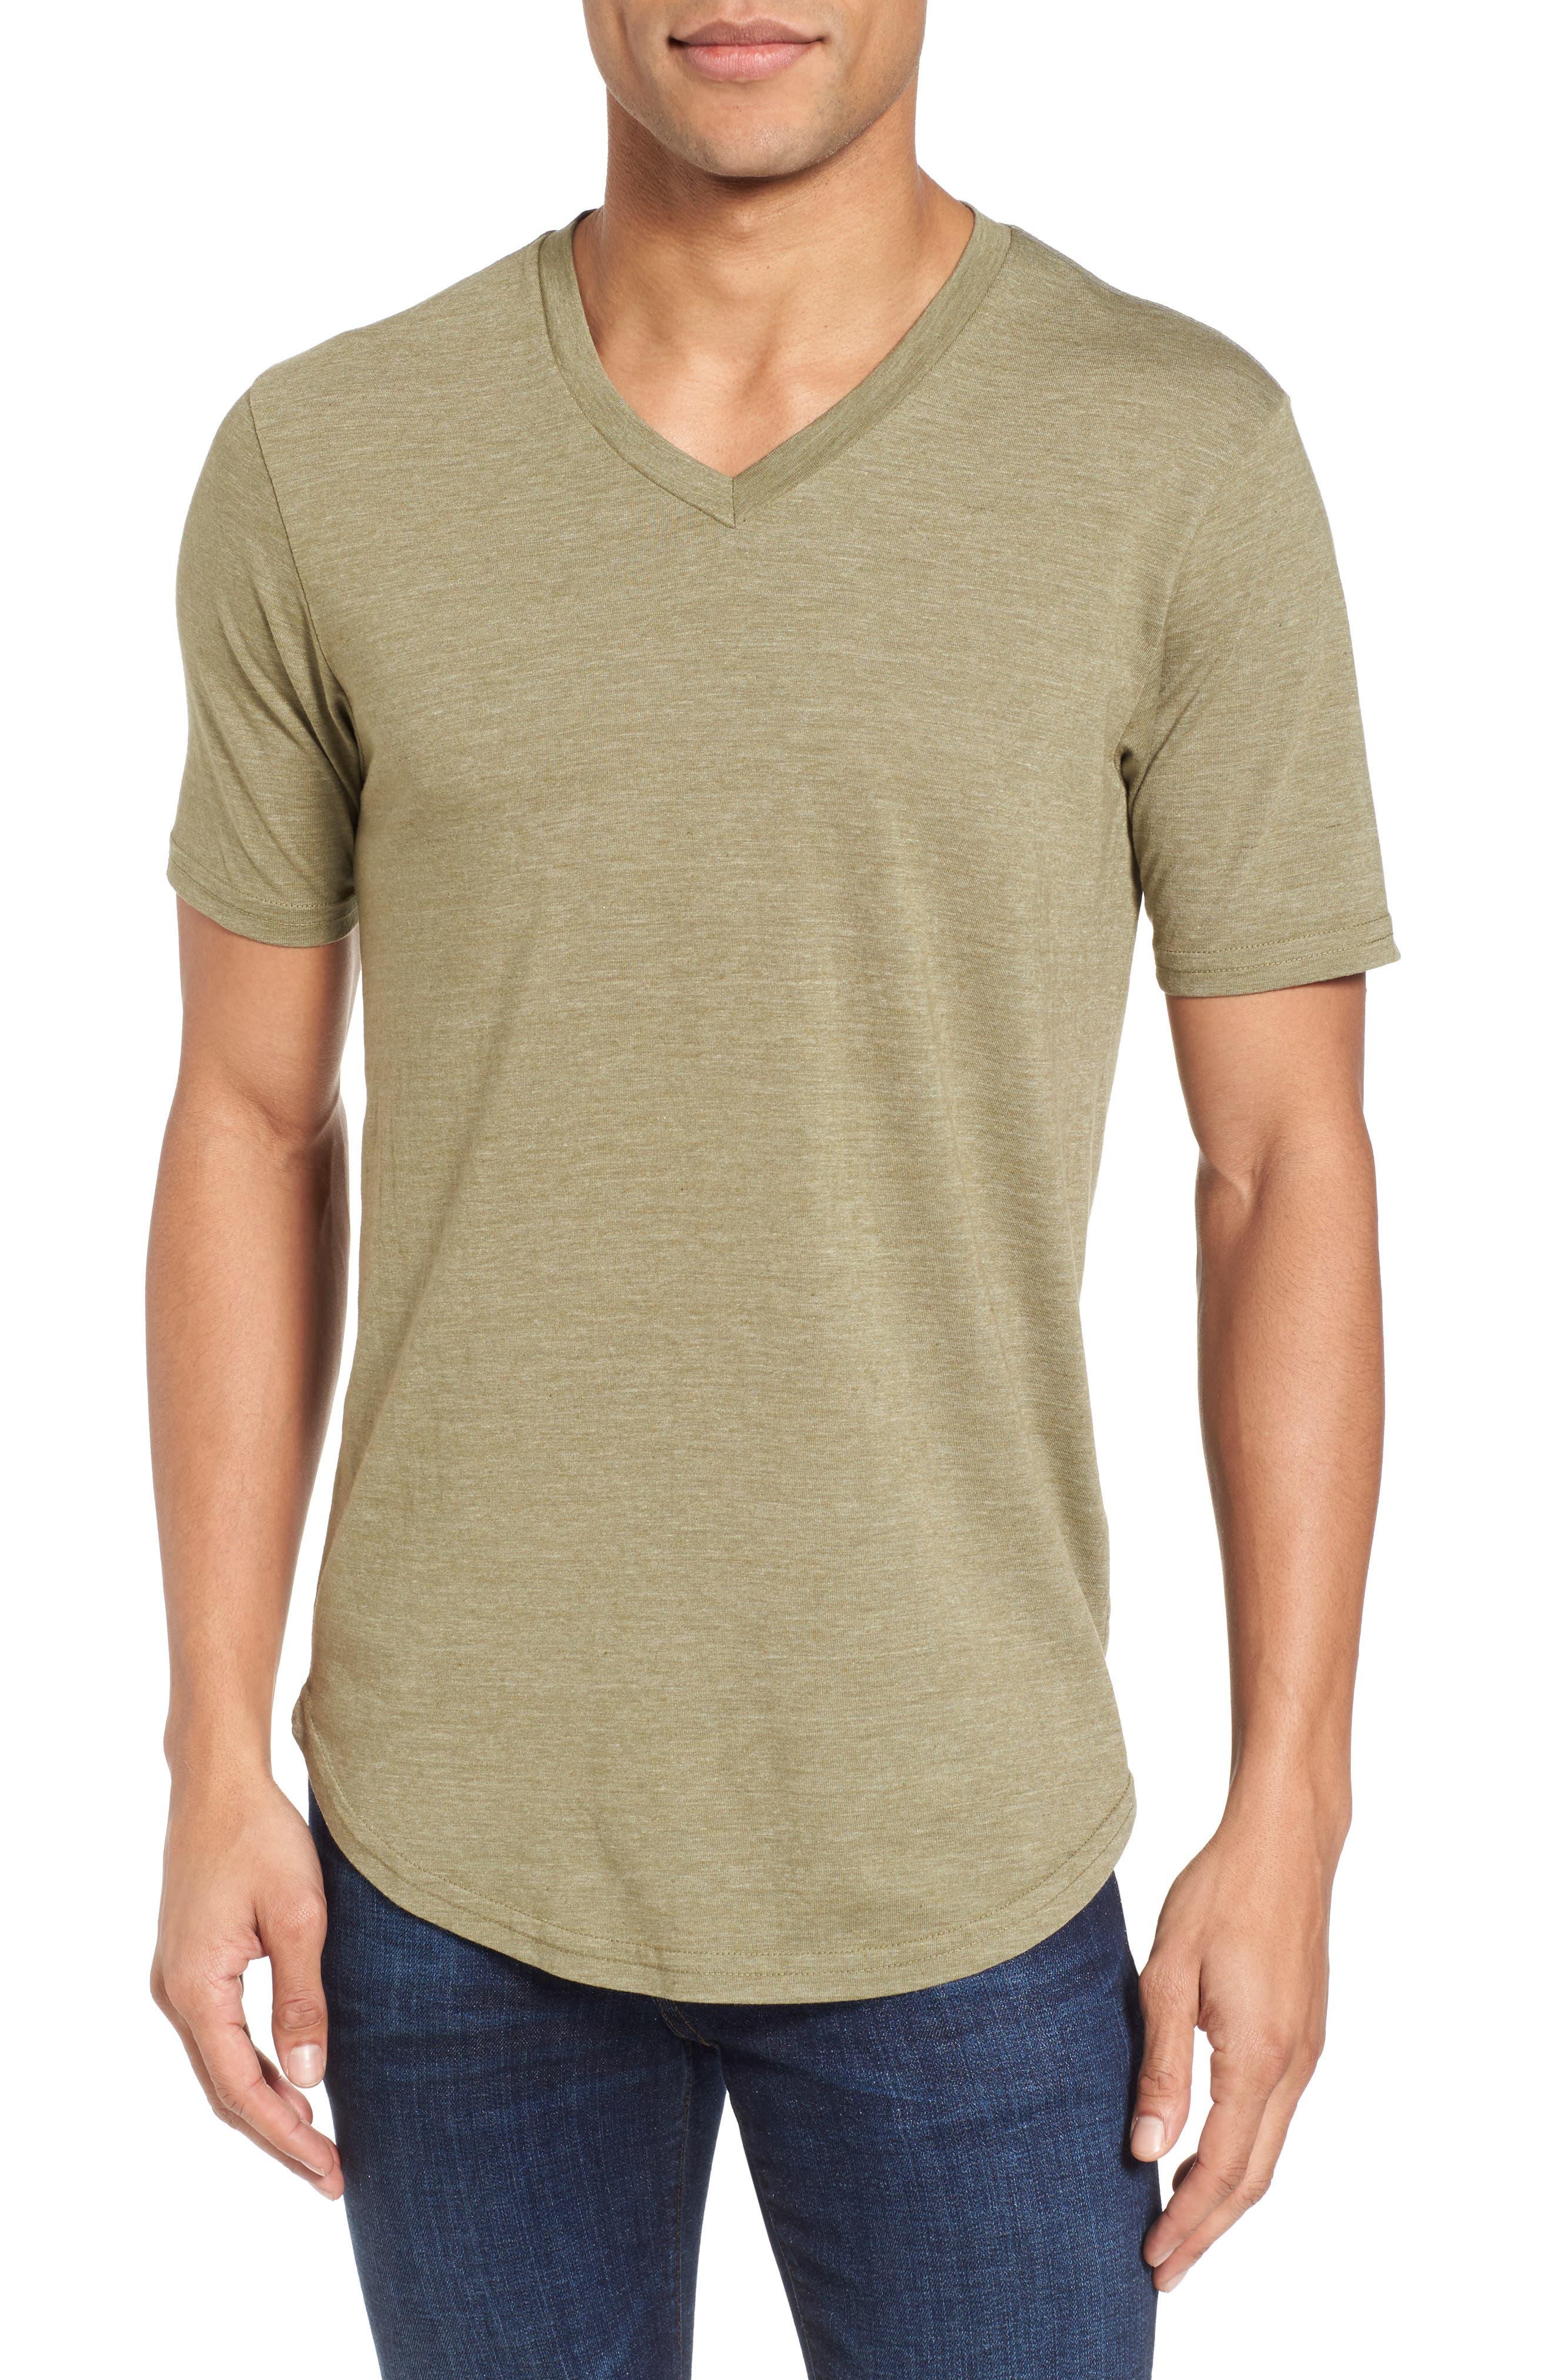 Alternate Image 1 Selected - Goodlife Scallop Triblend V-Neck T-Shirt